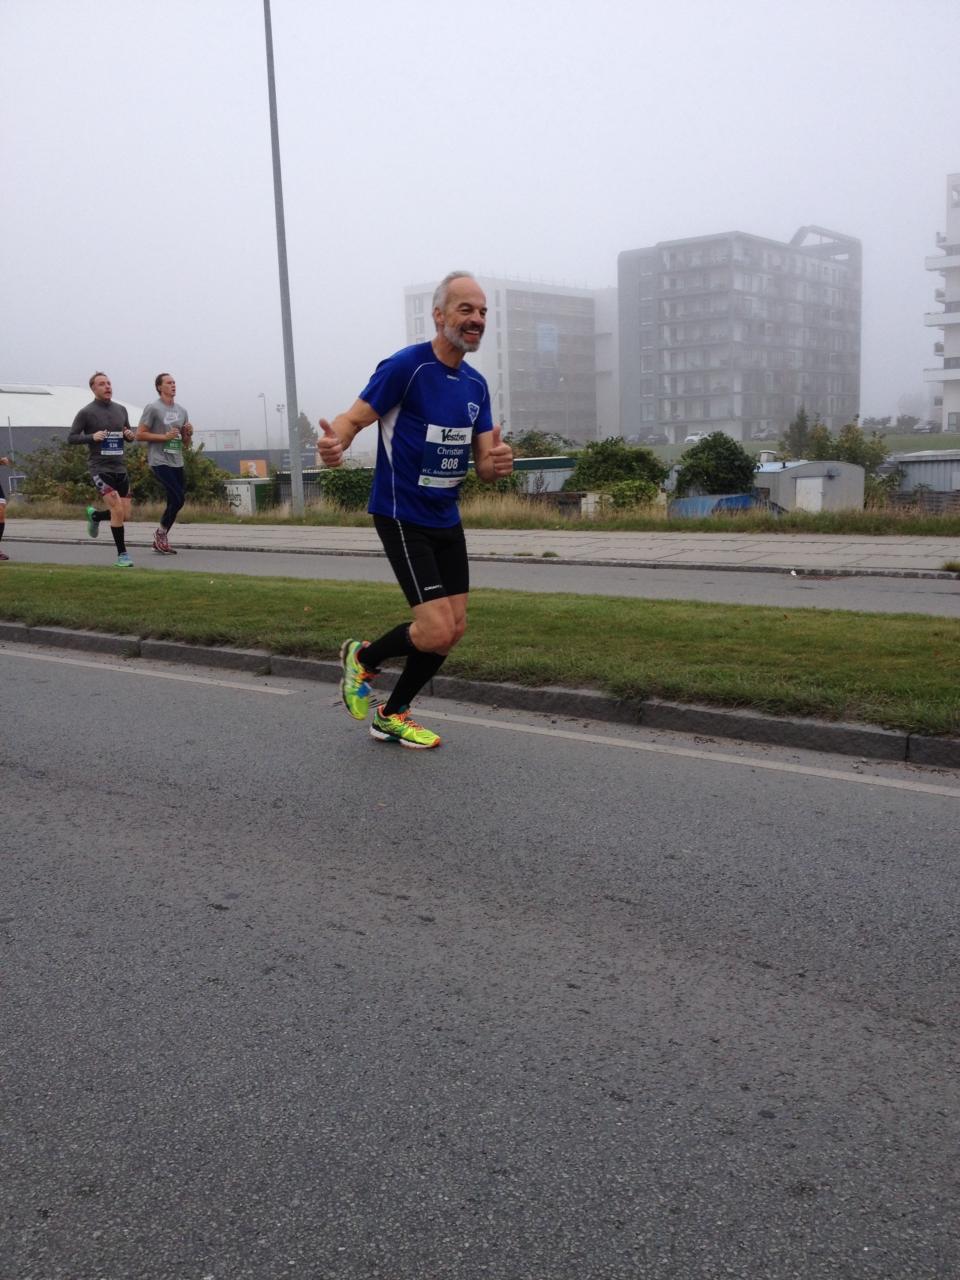 hc andersen marathon